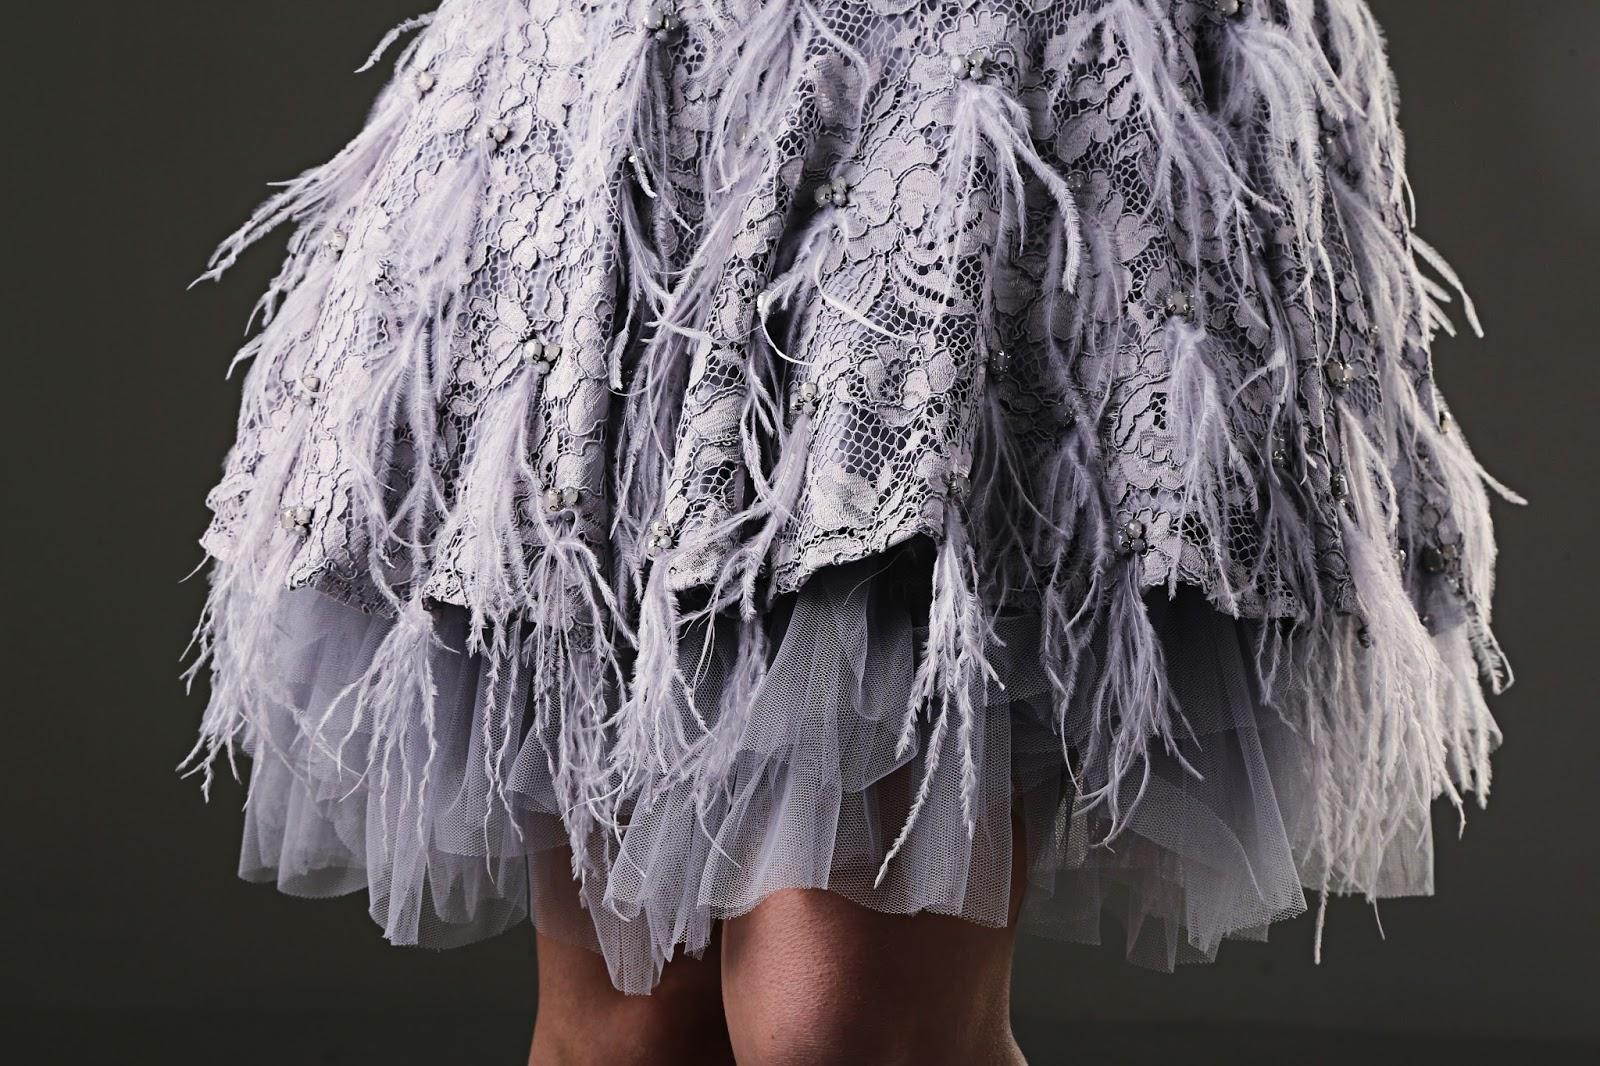 Reanna Feather Dress By Coast